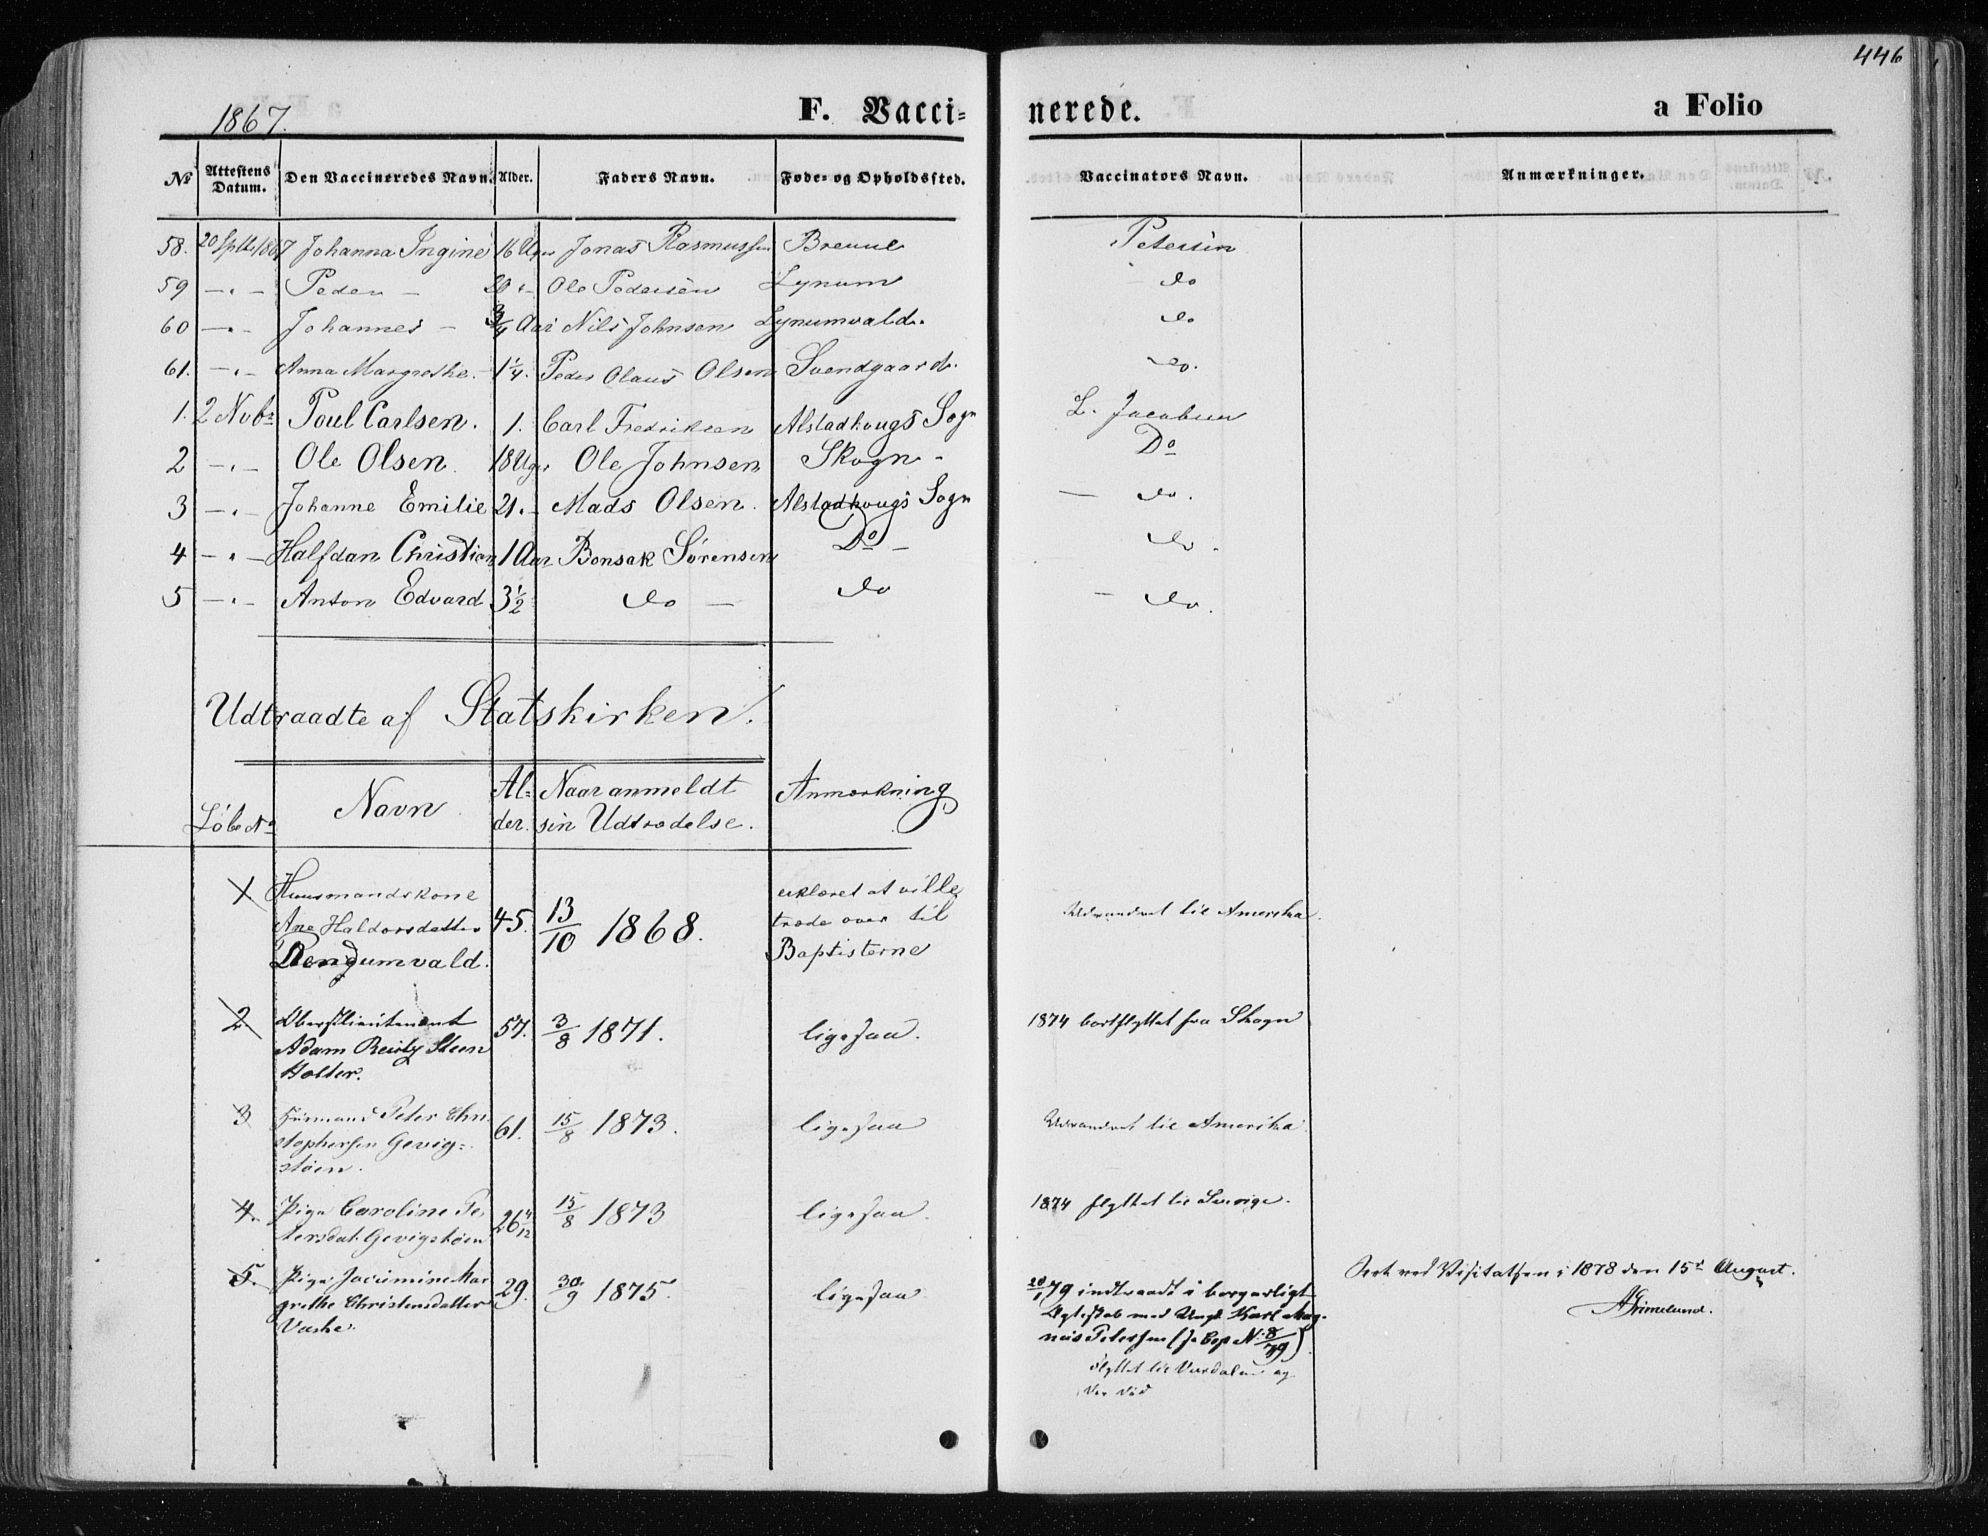 SAT, Ministerialprotokoller, klokkerbøker og fødselsregistre - Nord-Trøndelag, 717/L0157: Ministerialbok nr. 717A08 /1, 1863-1877, s. 446